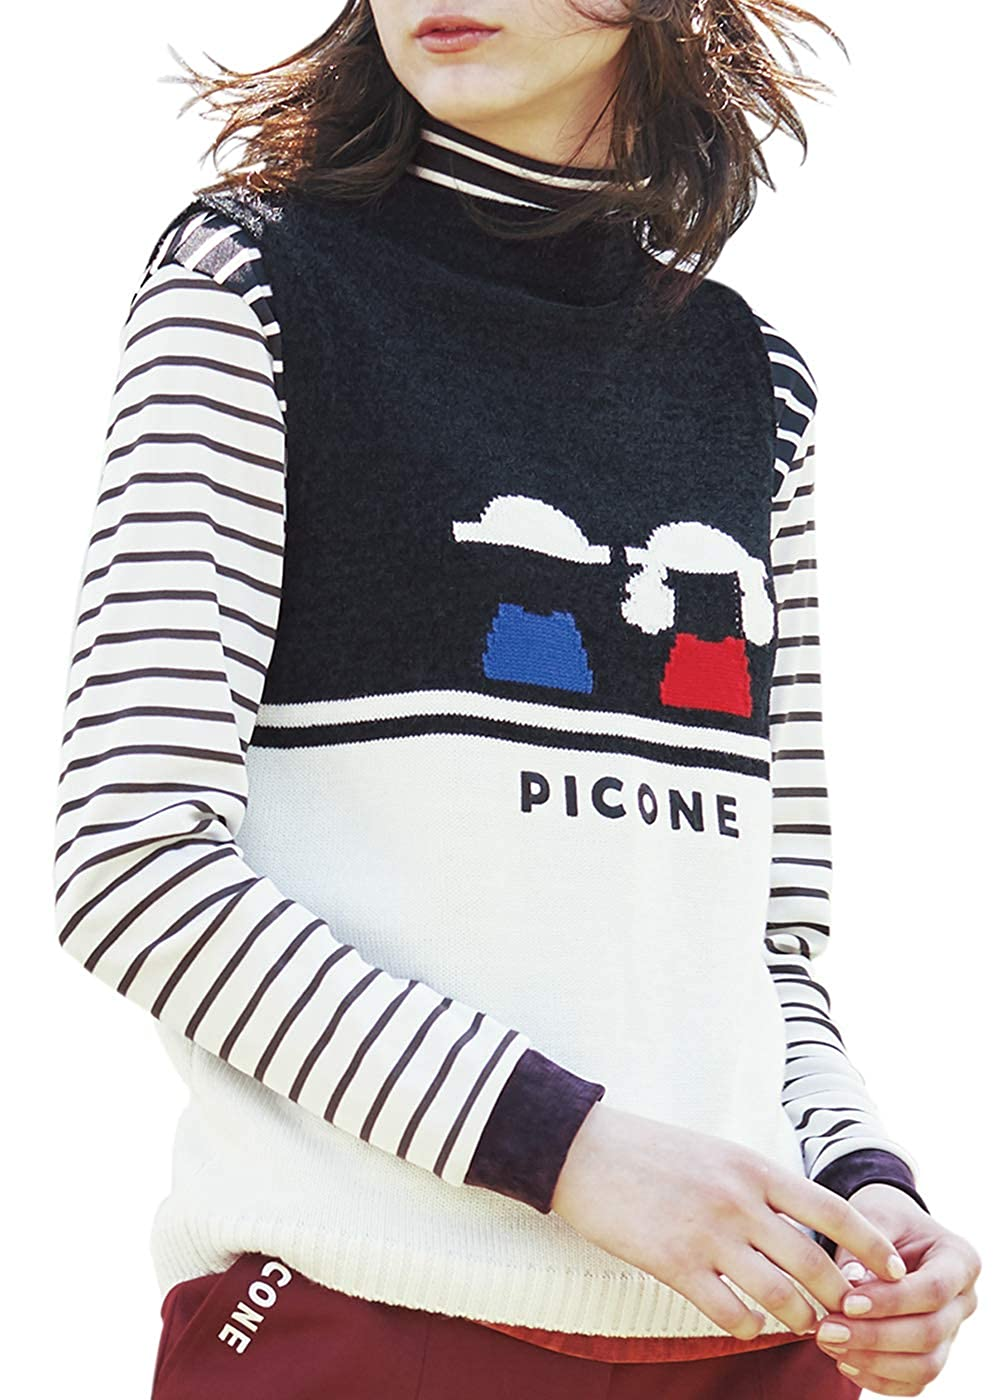 PICONE CLUB ピッコーネ クラブ ハイネックプルオーバー C819802 3 201 B07JLZ4FFM